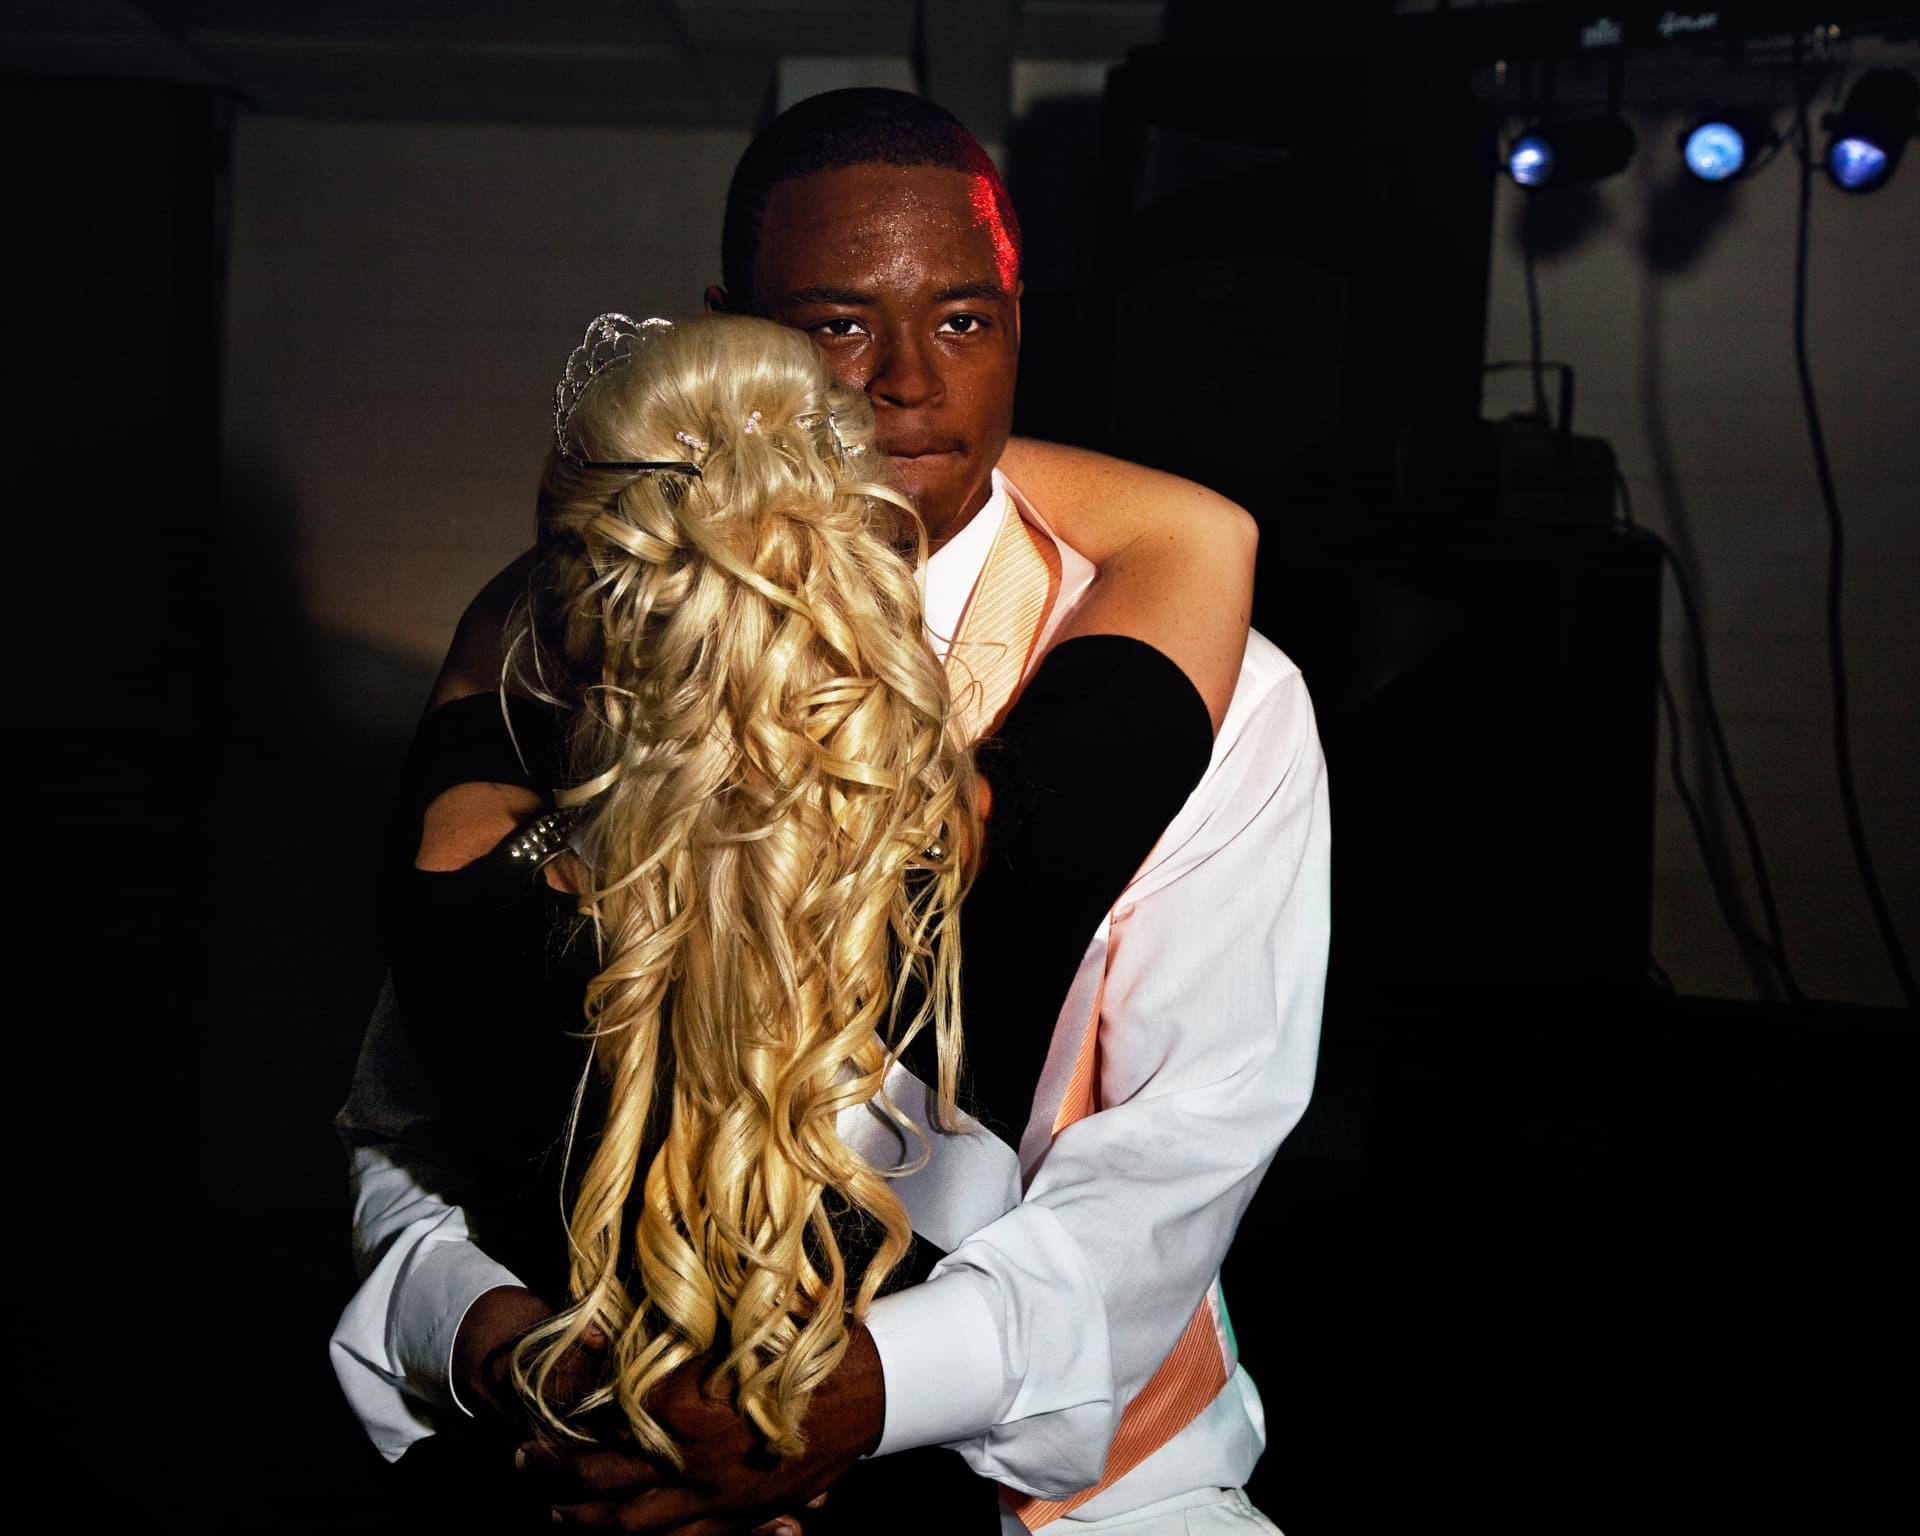 LYONS, GEORGIA – MAY 2011: Prom prince and princess dancing at